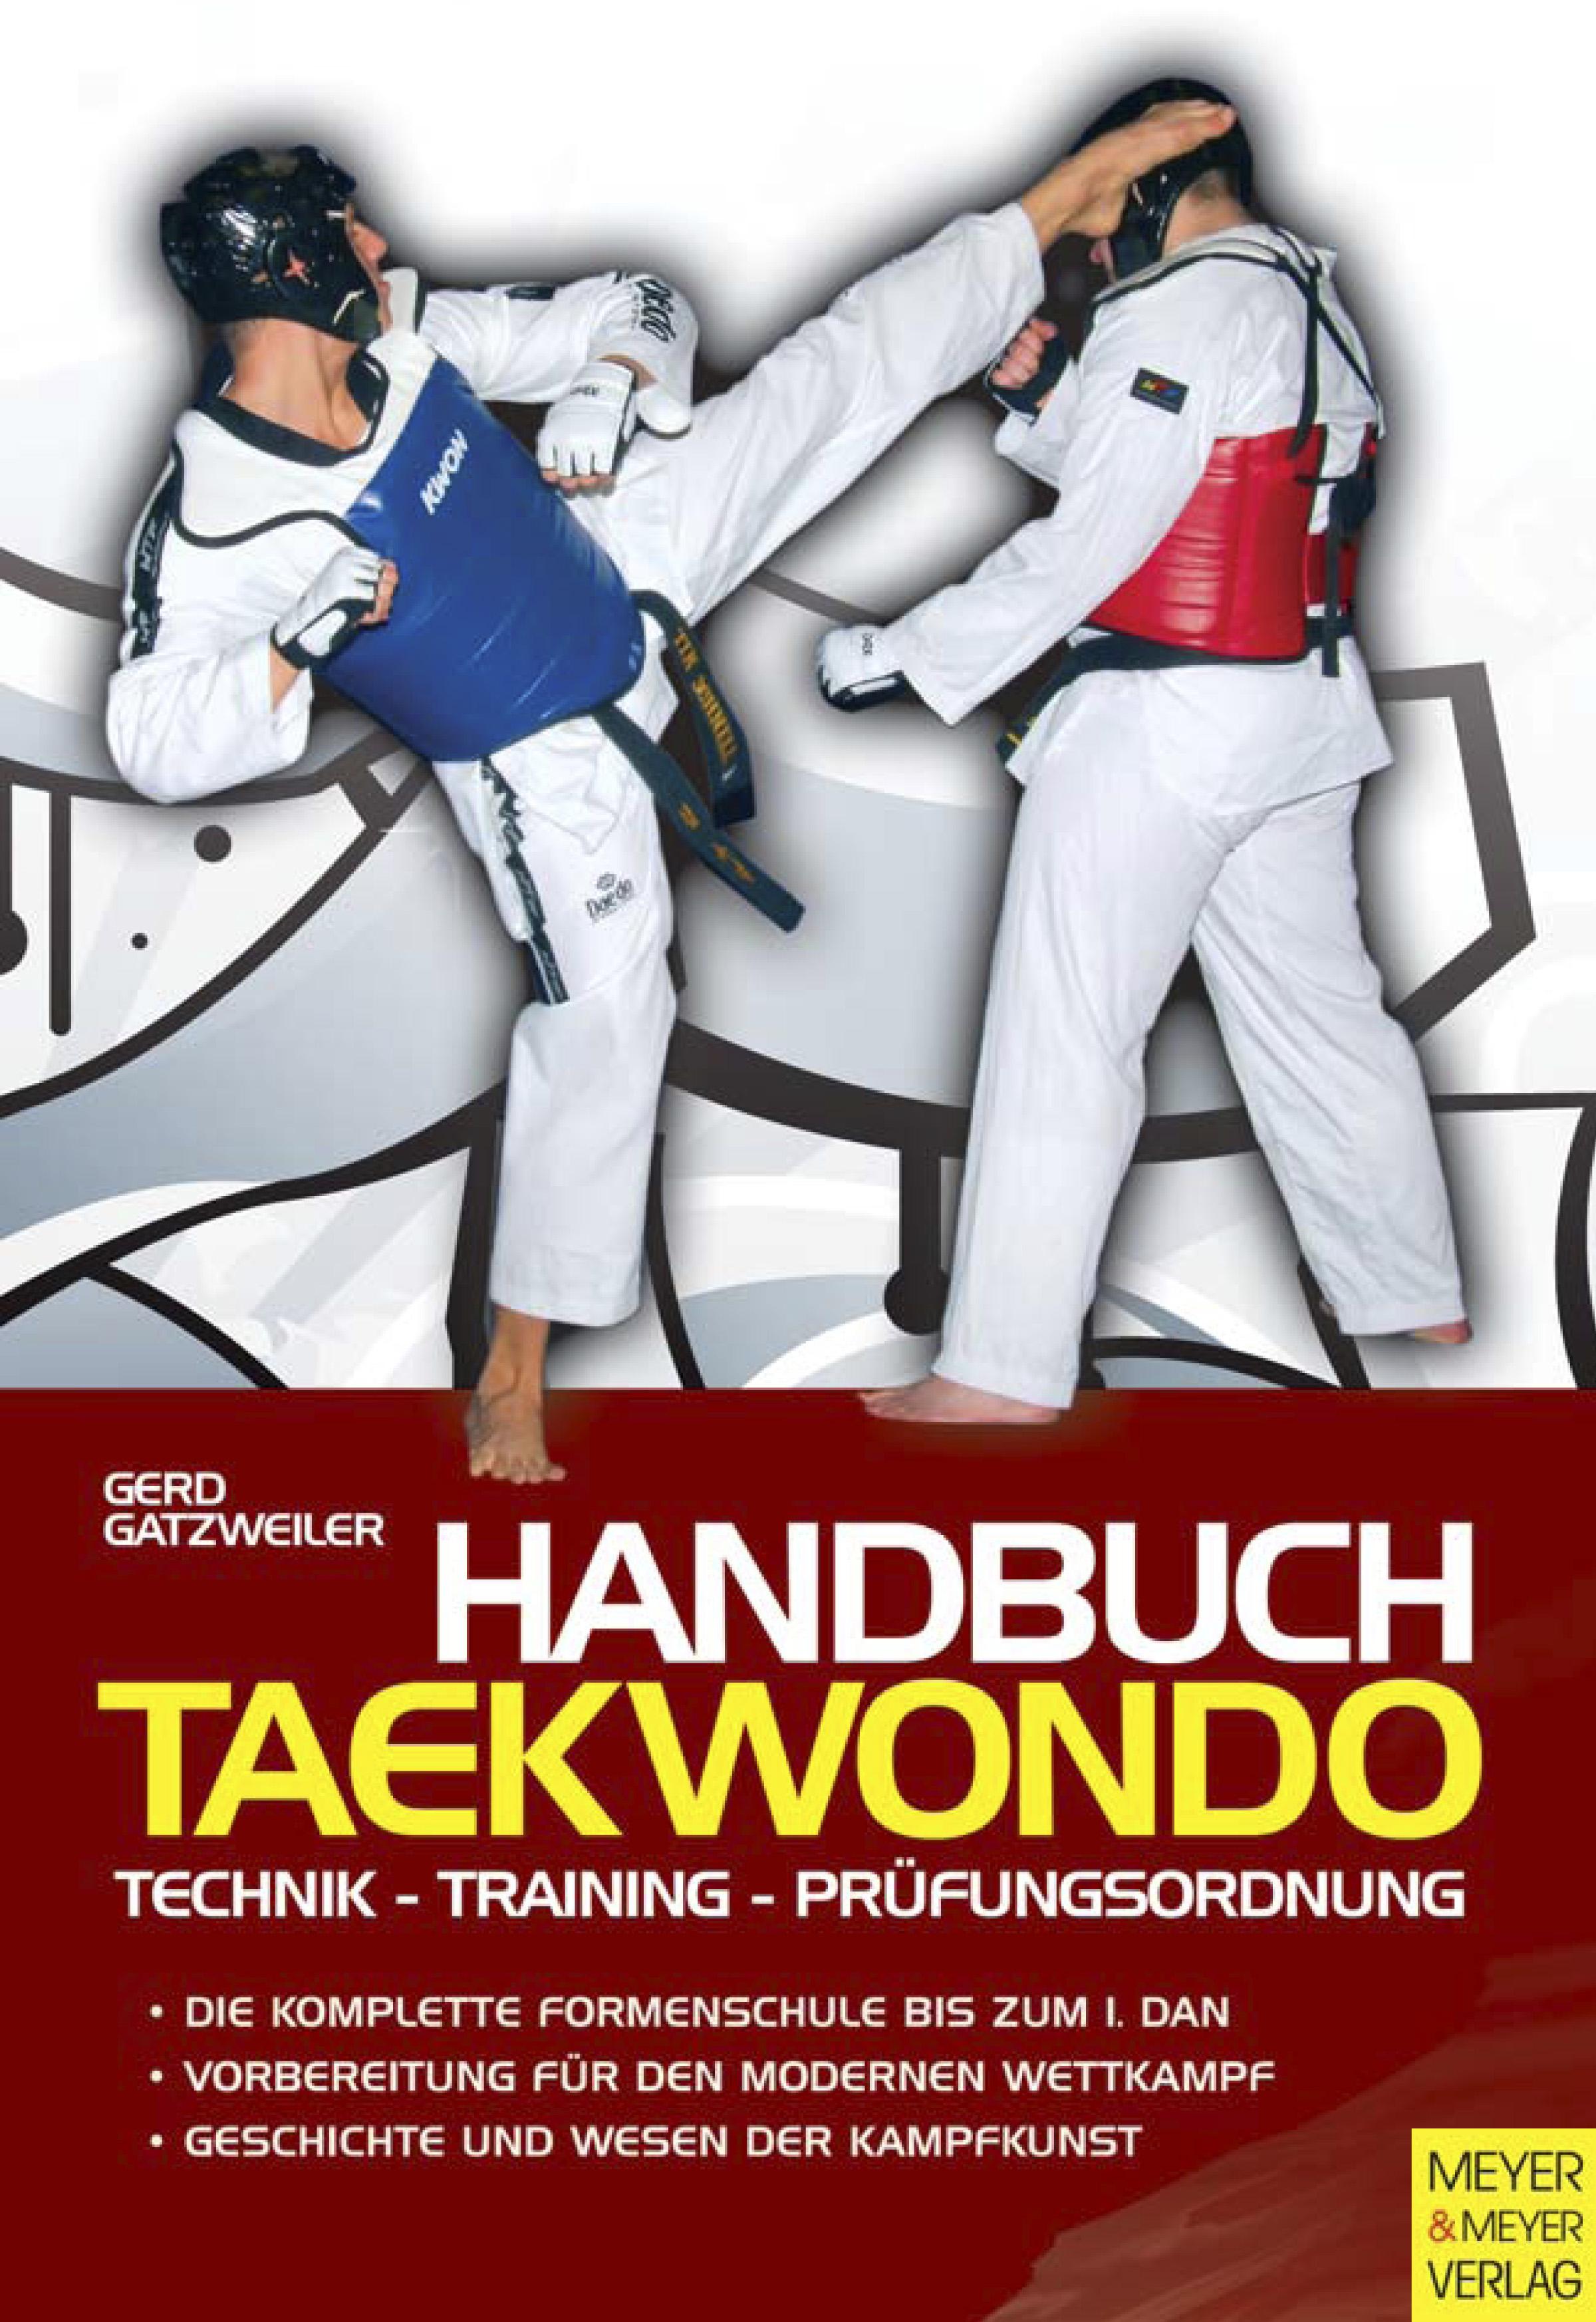 Handbuch Taekwondo: Technik - Training - Prüfungsordnung - Gerd Gatzweiler